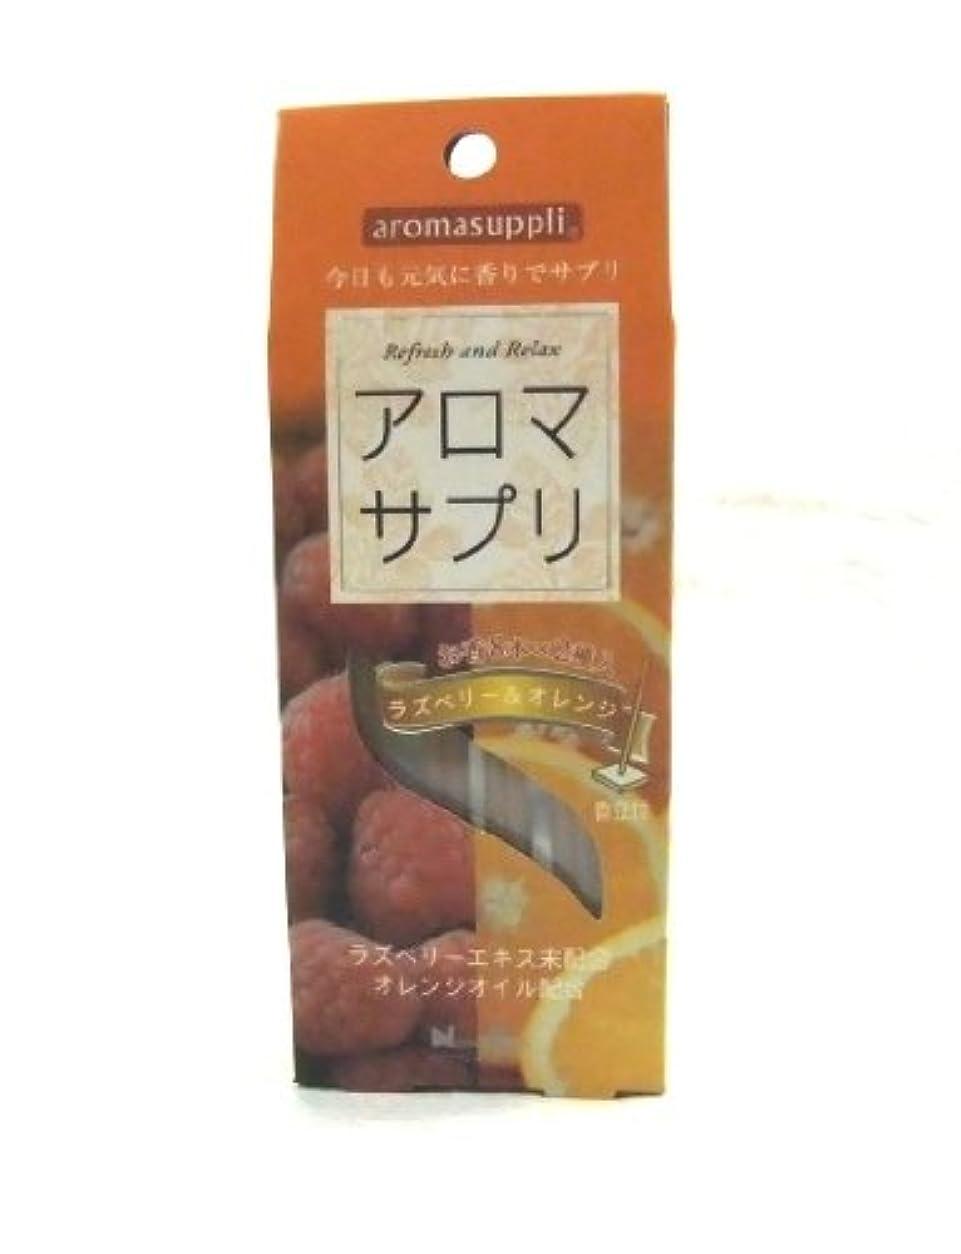 治世慢性的インシュレータお香 アロマサプリ<ラズベリー&オレンジ> 2種類の香り× 各8本入 香立付